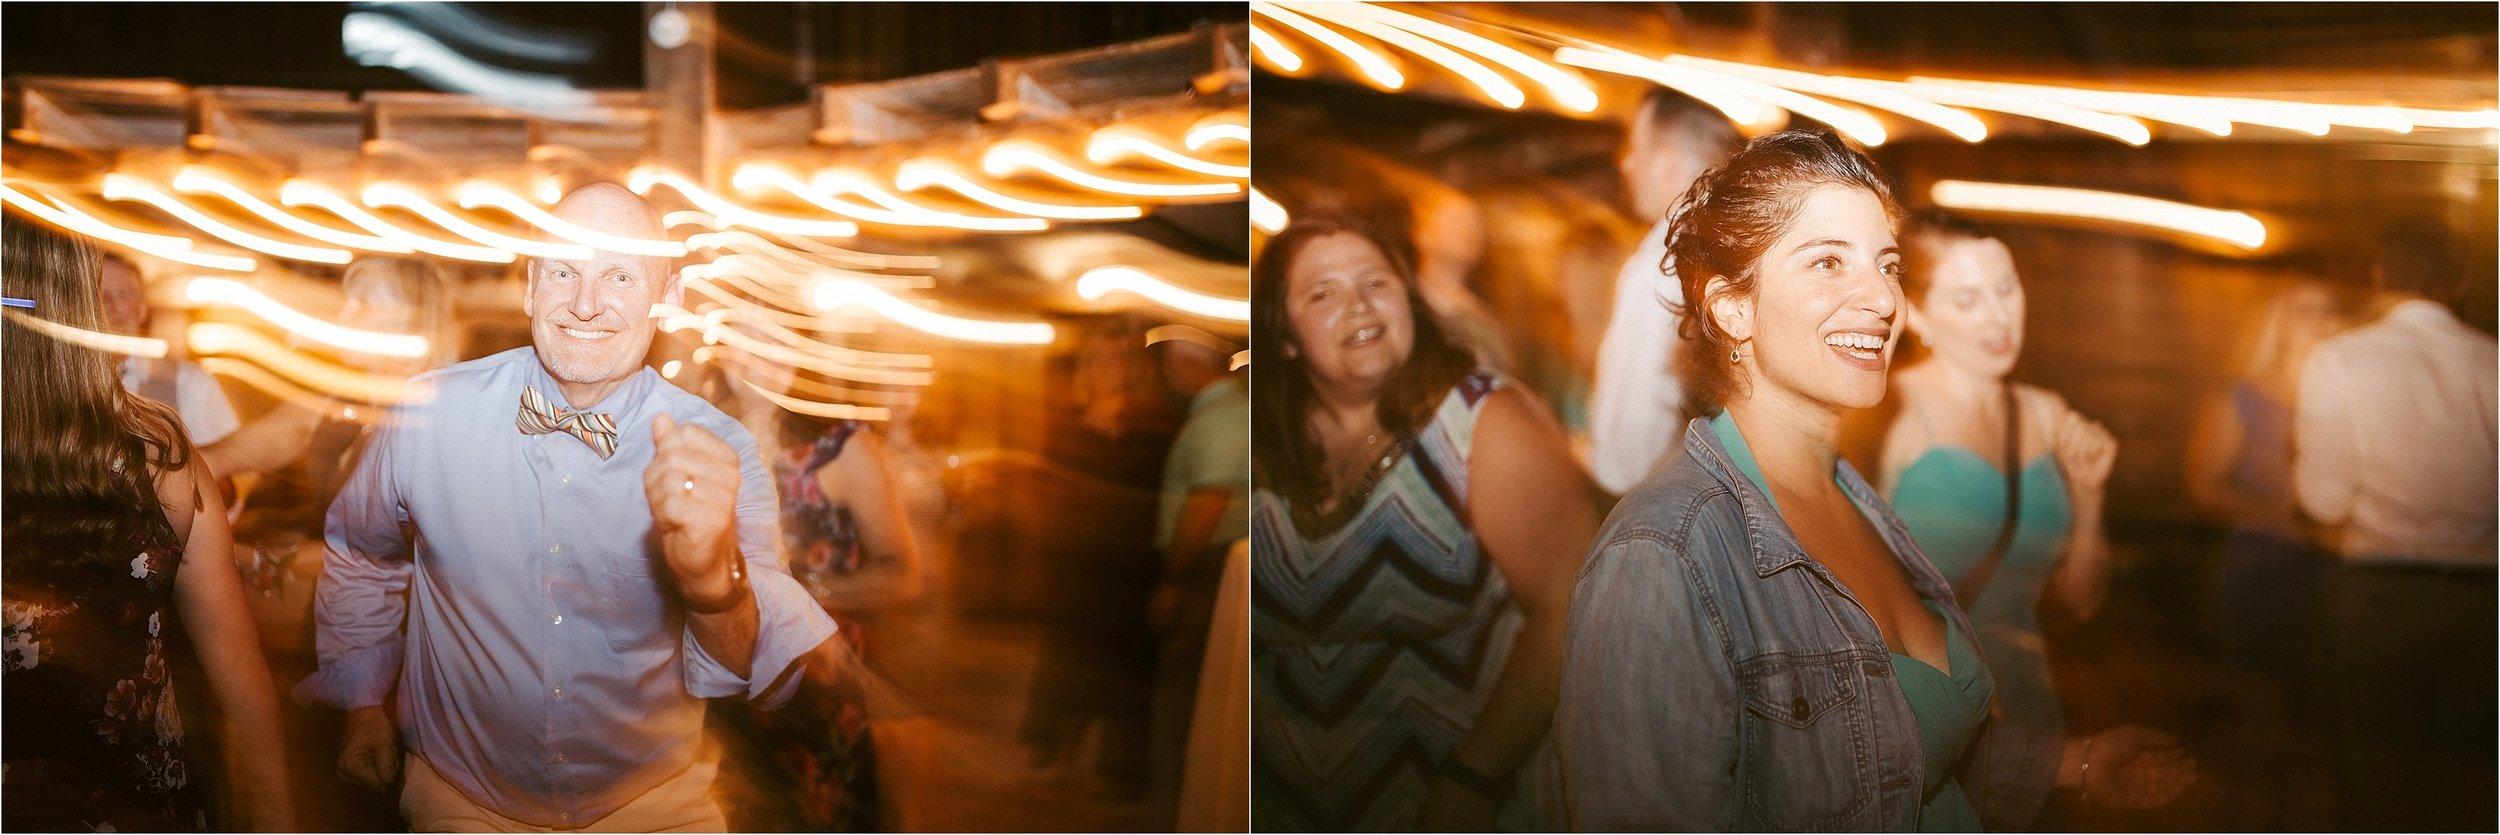 mcmenamins-wedding-portland-oregon_0108.jpg